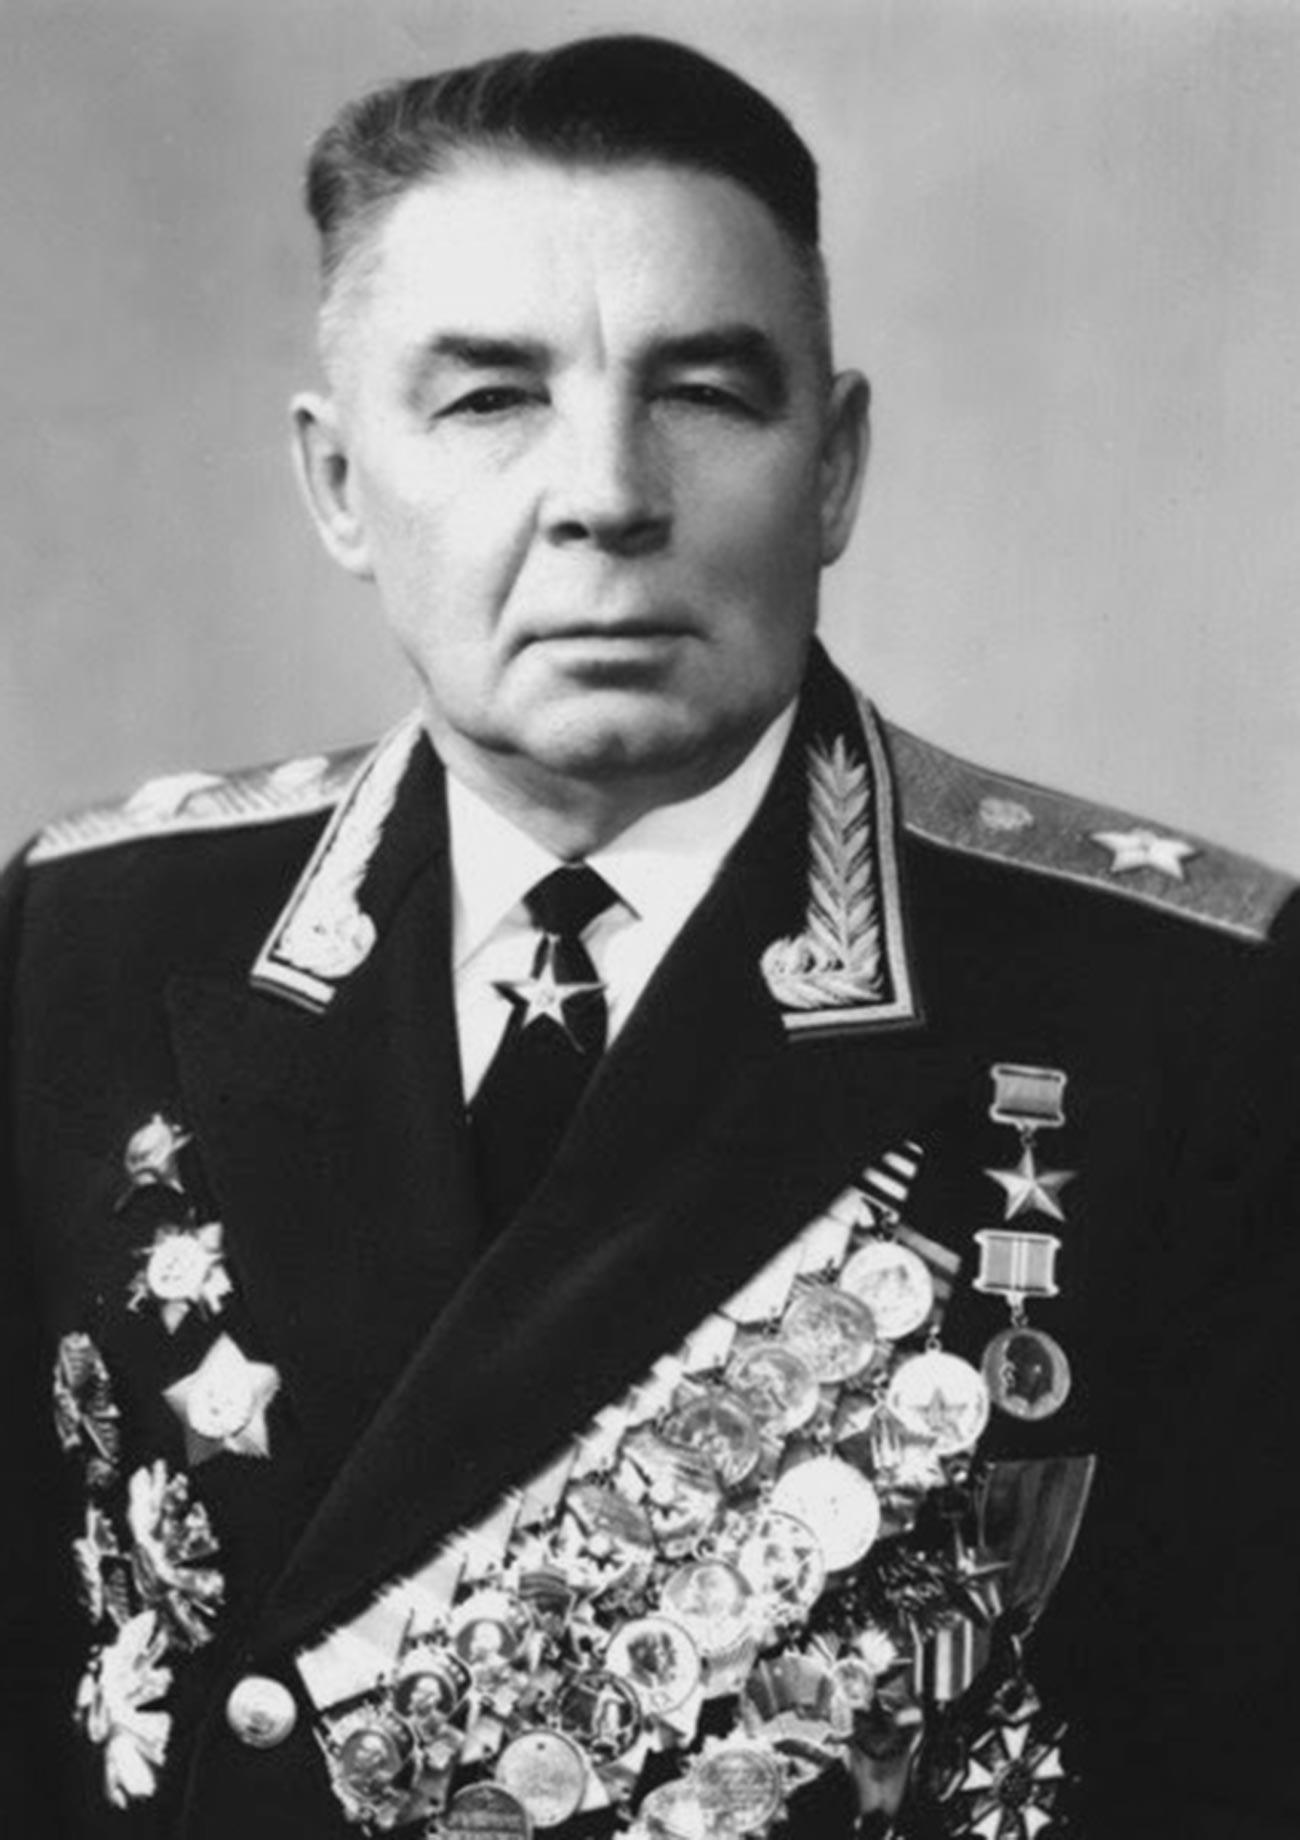 Poveljnik desantno-padalskih enot (1954-1959 in 1961-1979), general Vasilij Filipovič Margelov